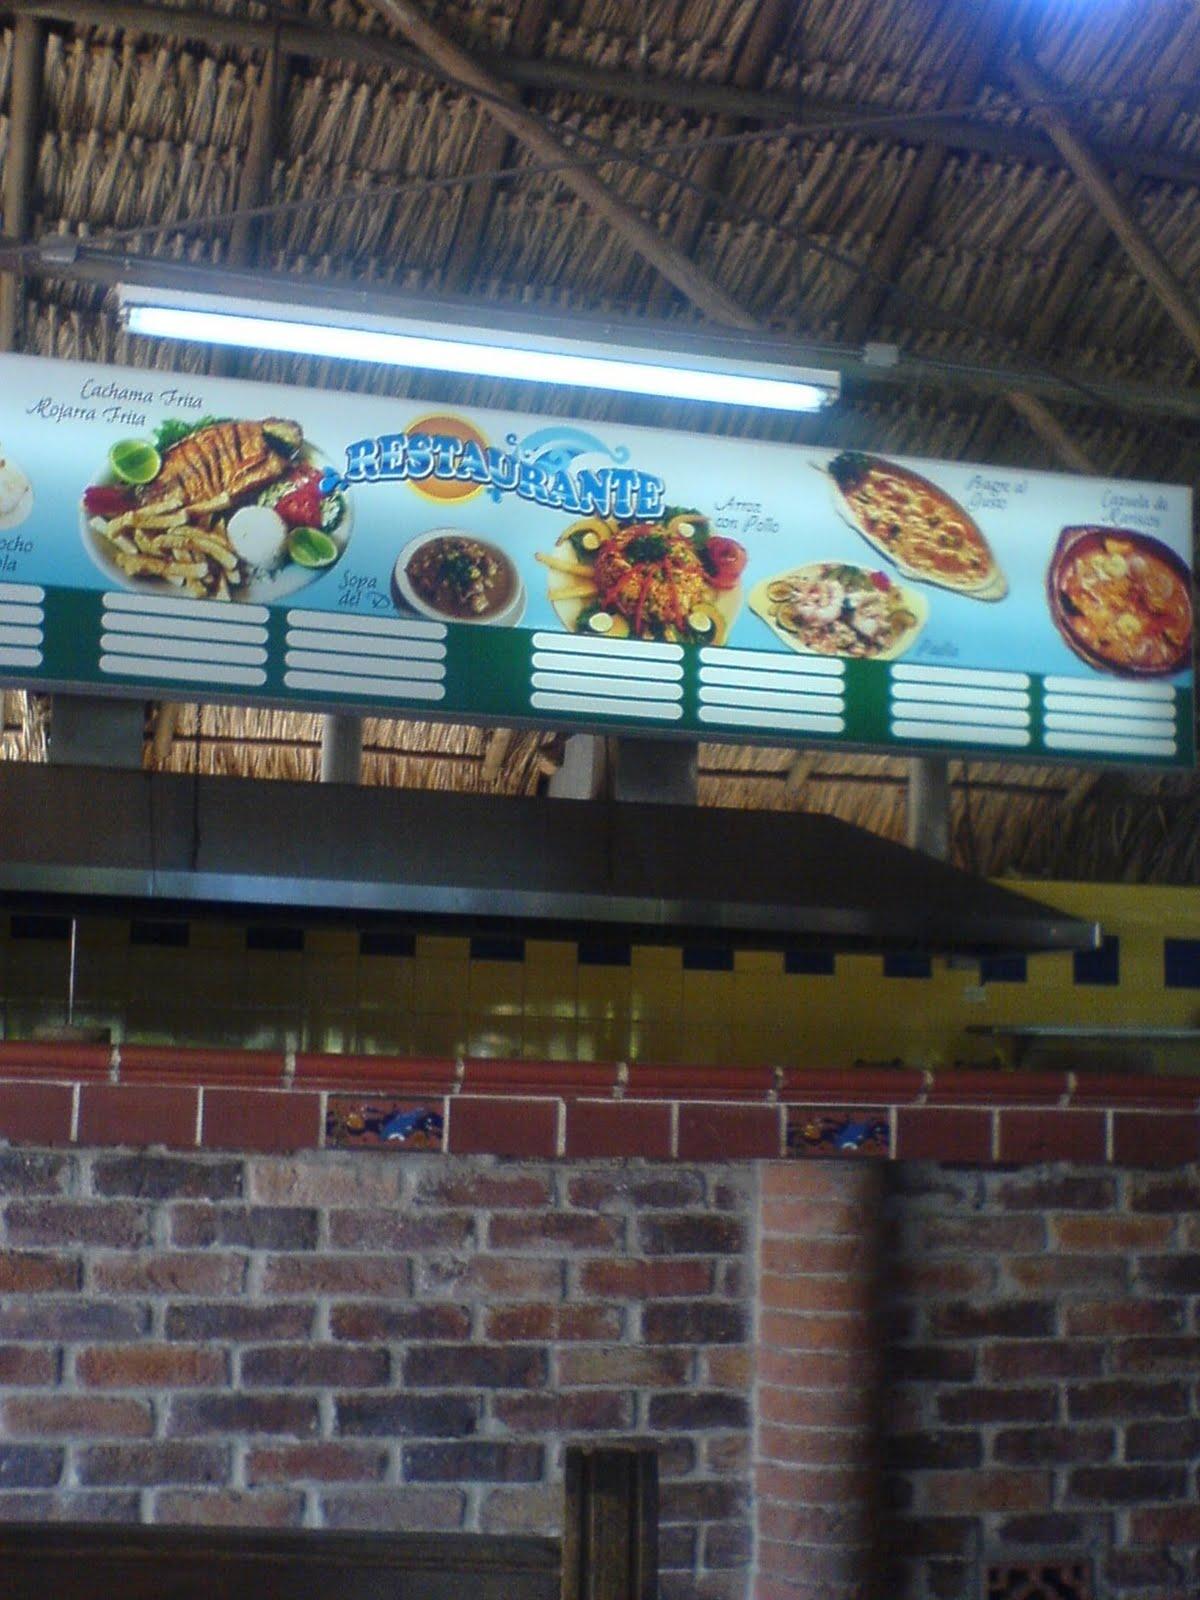 Centro recreacional piscilagos s a for Implementos de restaurante